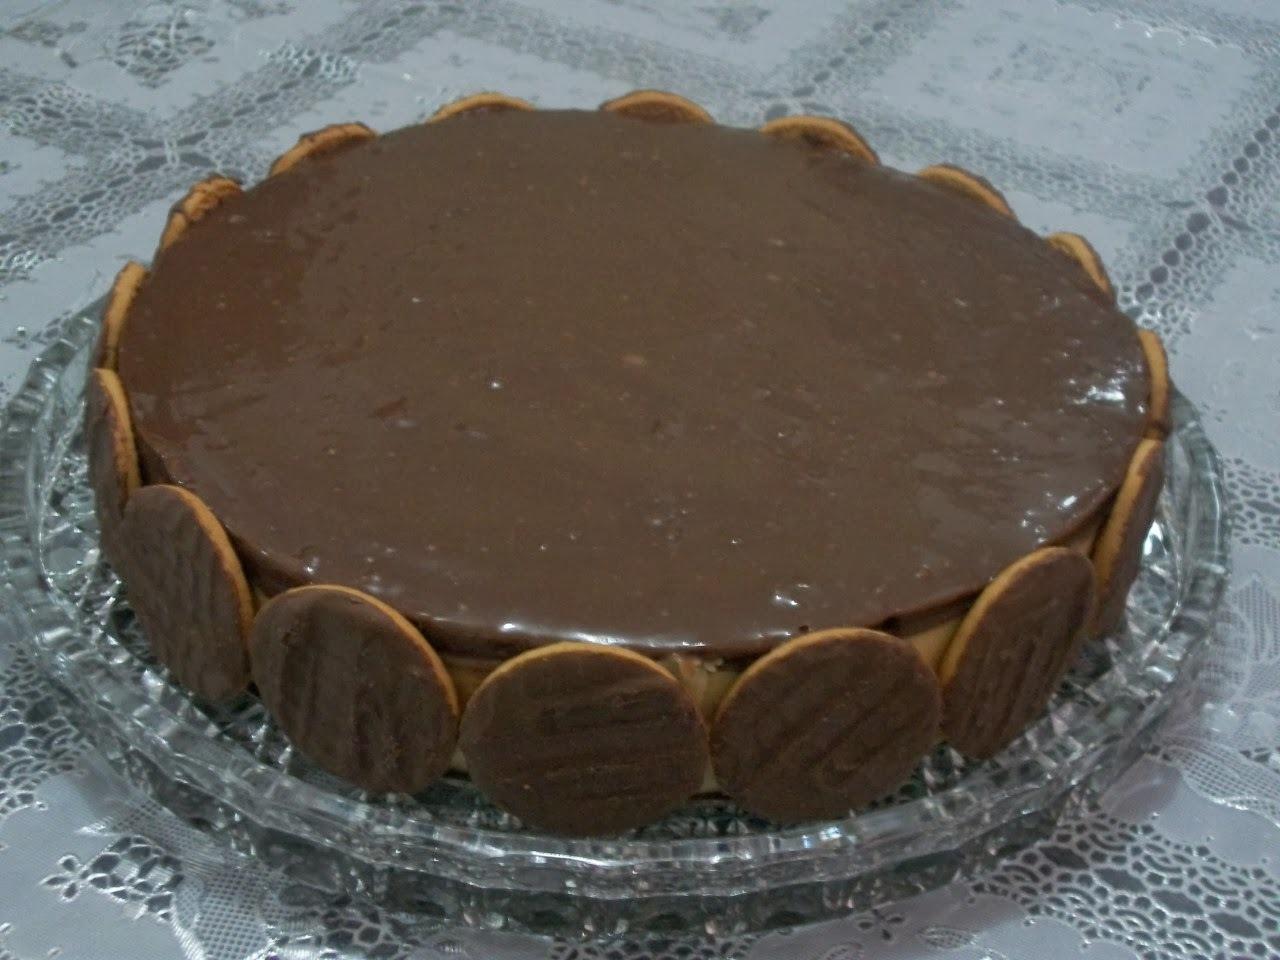 Torta holandesa mousse de maracujá